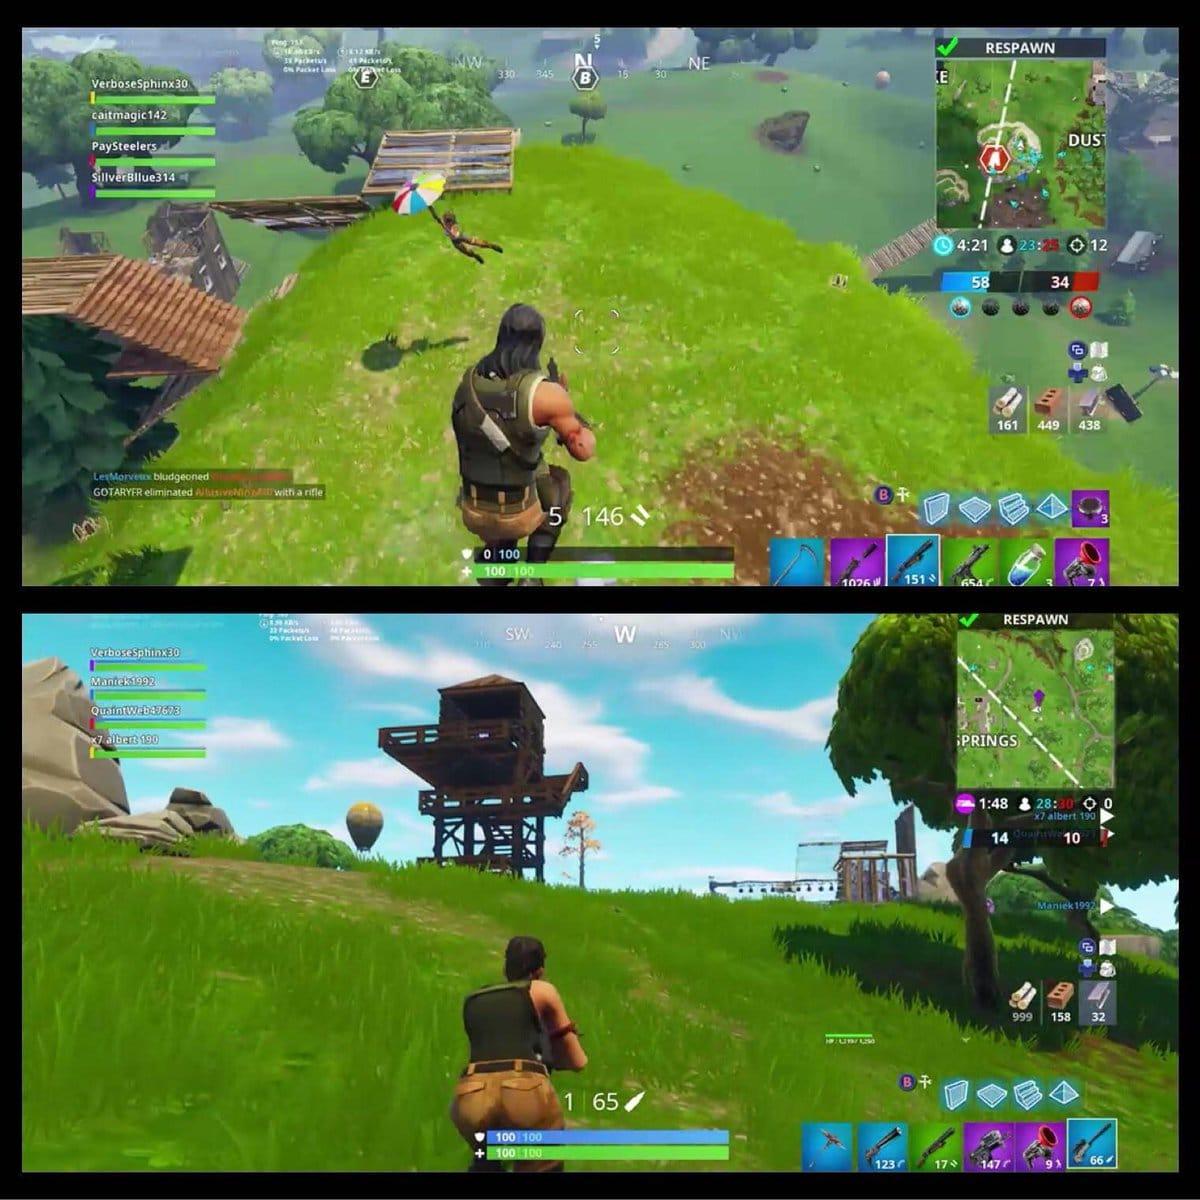 split screen mode in fortnite